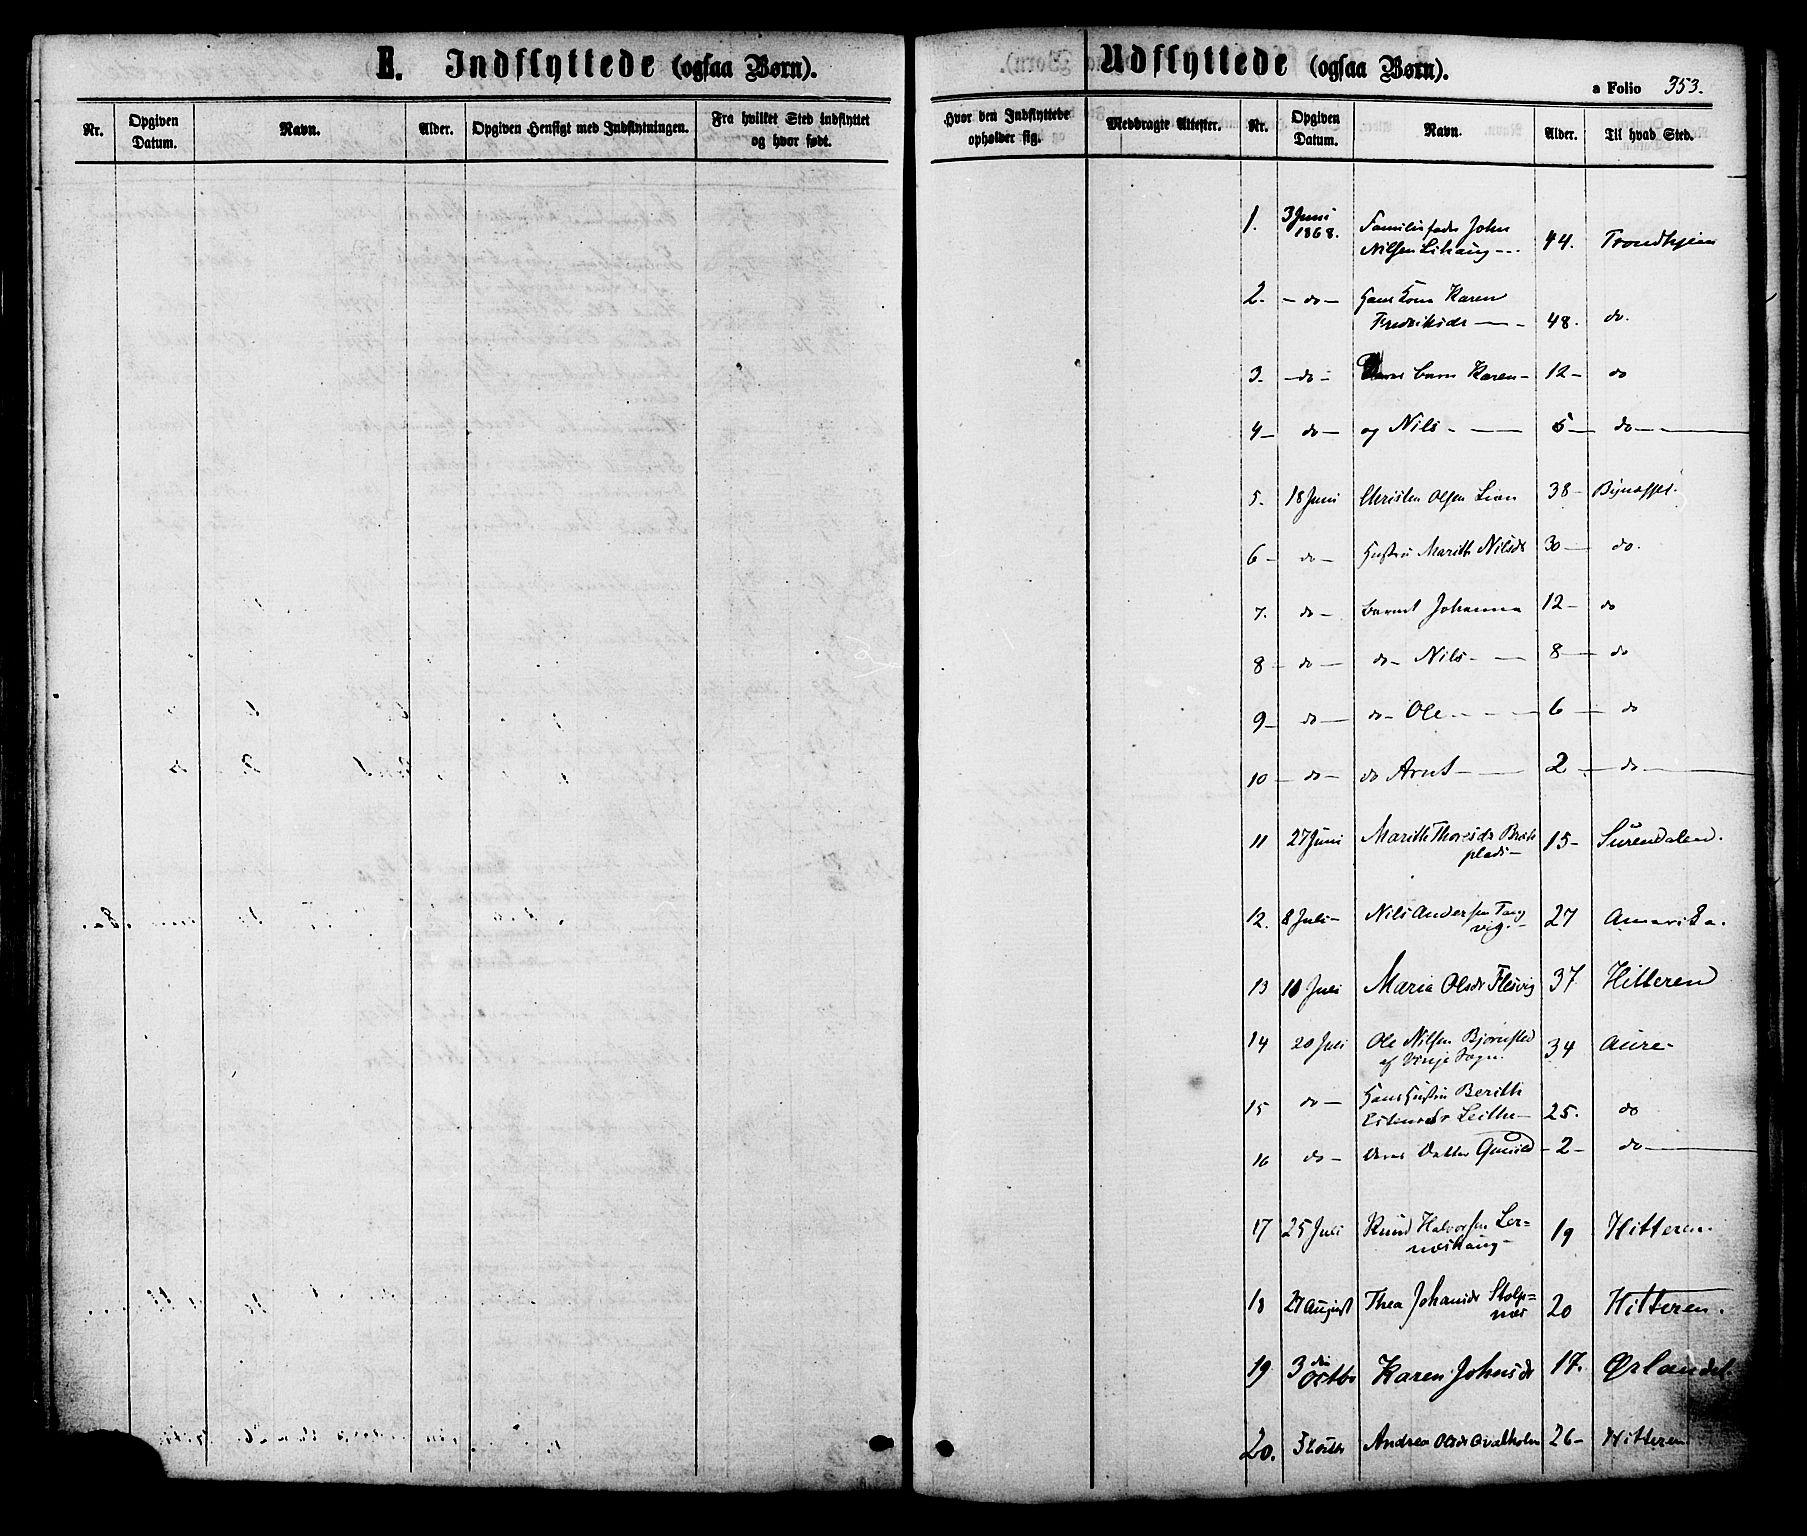 SAT, Ministerialprotokoller, klokkerbøker og fødselsregistre - Sør-Trøndelag, 630/L0495: Ministerialbok nr. 630A08, 1868-1878, s. 353